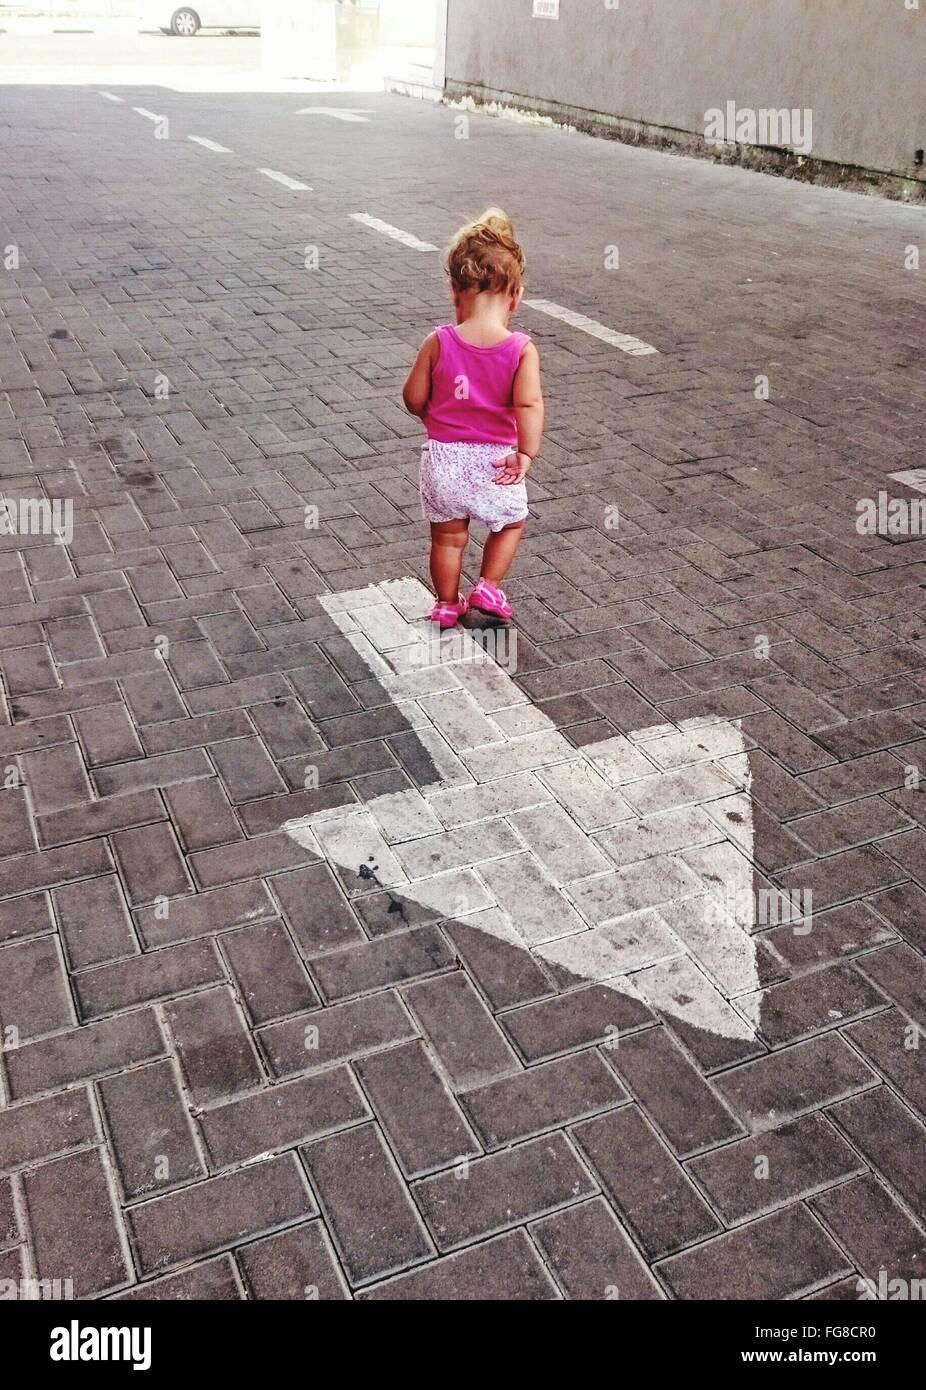 Vue arrière de fille qui marche sur le symbole des flèches sur Cobblestone Street Photo Stock